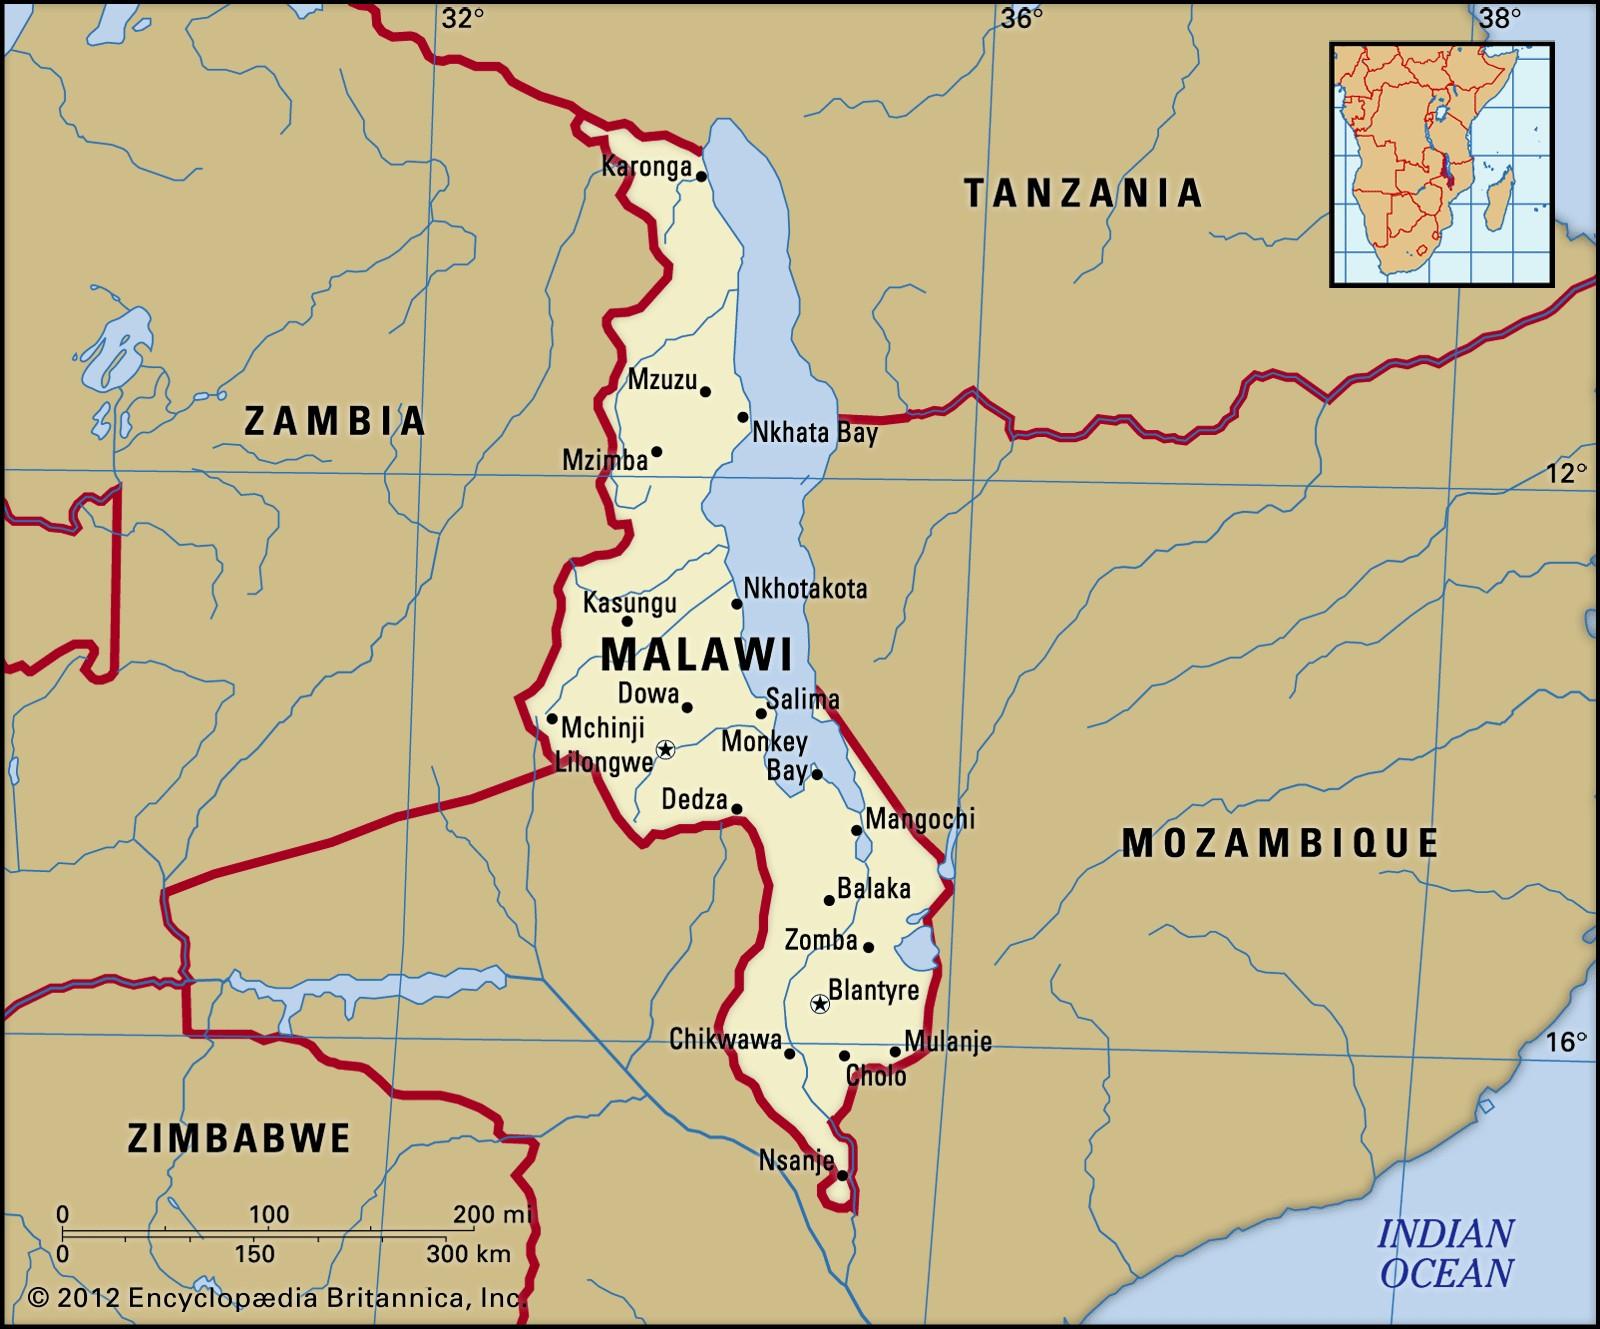 अमेरिका लैजाने भन्दै मलावीमा बन्धक बनाइएका ६ नेपालीको उद्धार